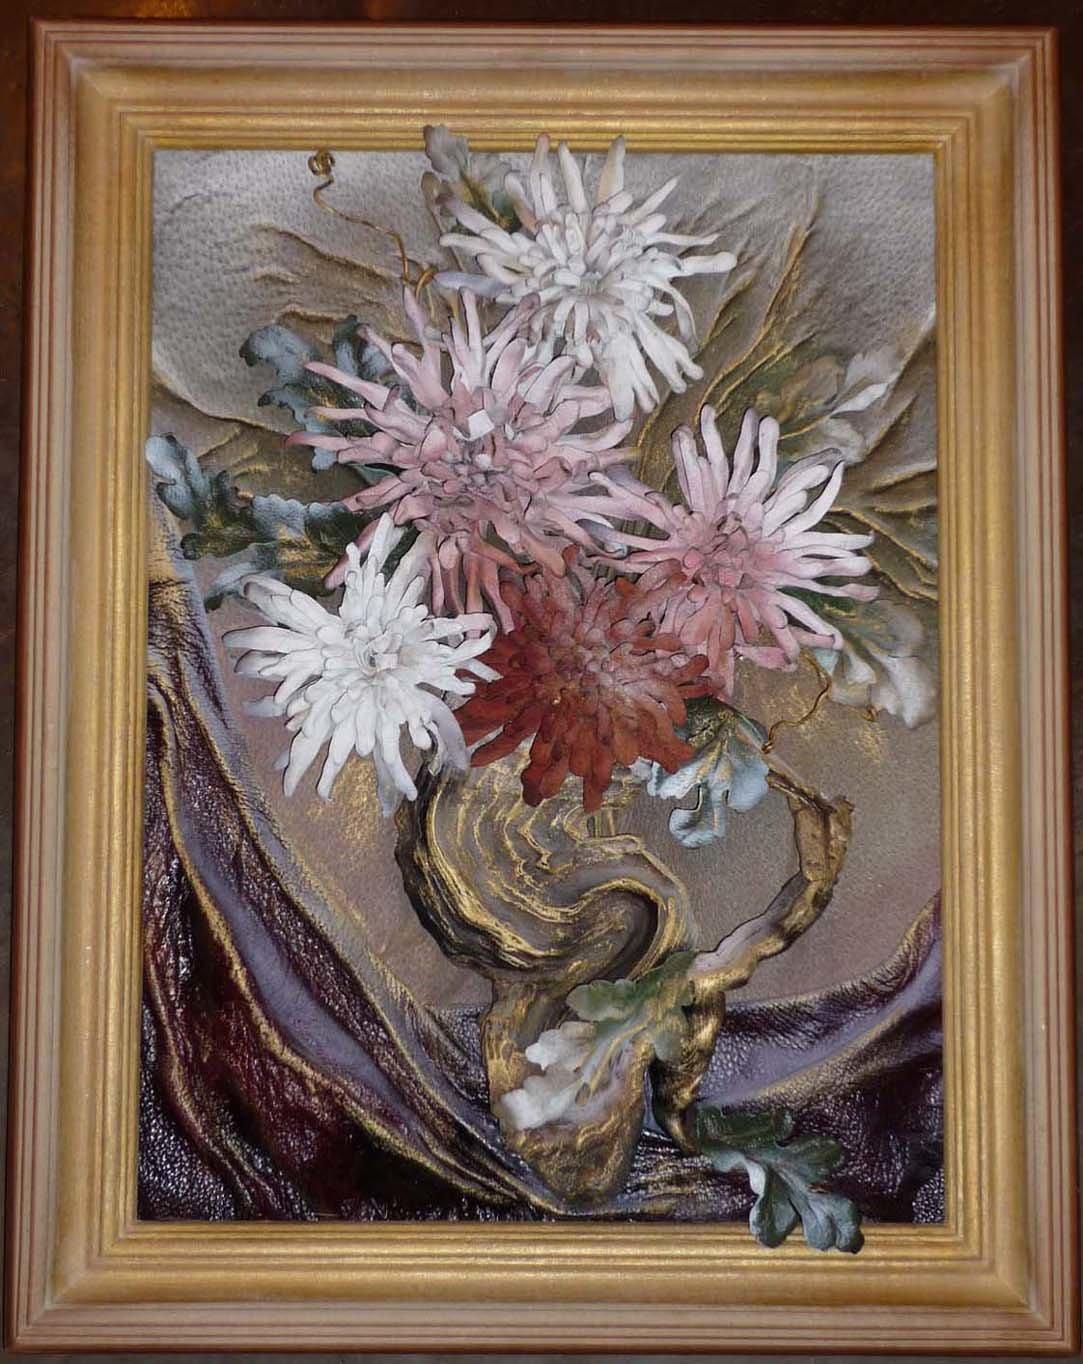 Картинки из кожи своими руками лариса топоровская, жизнь картинки надписями